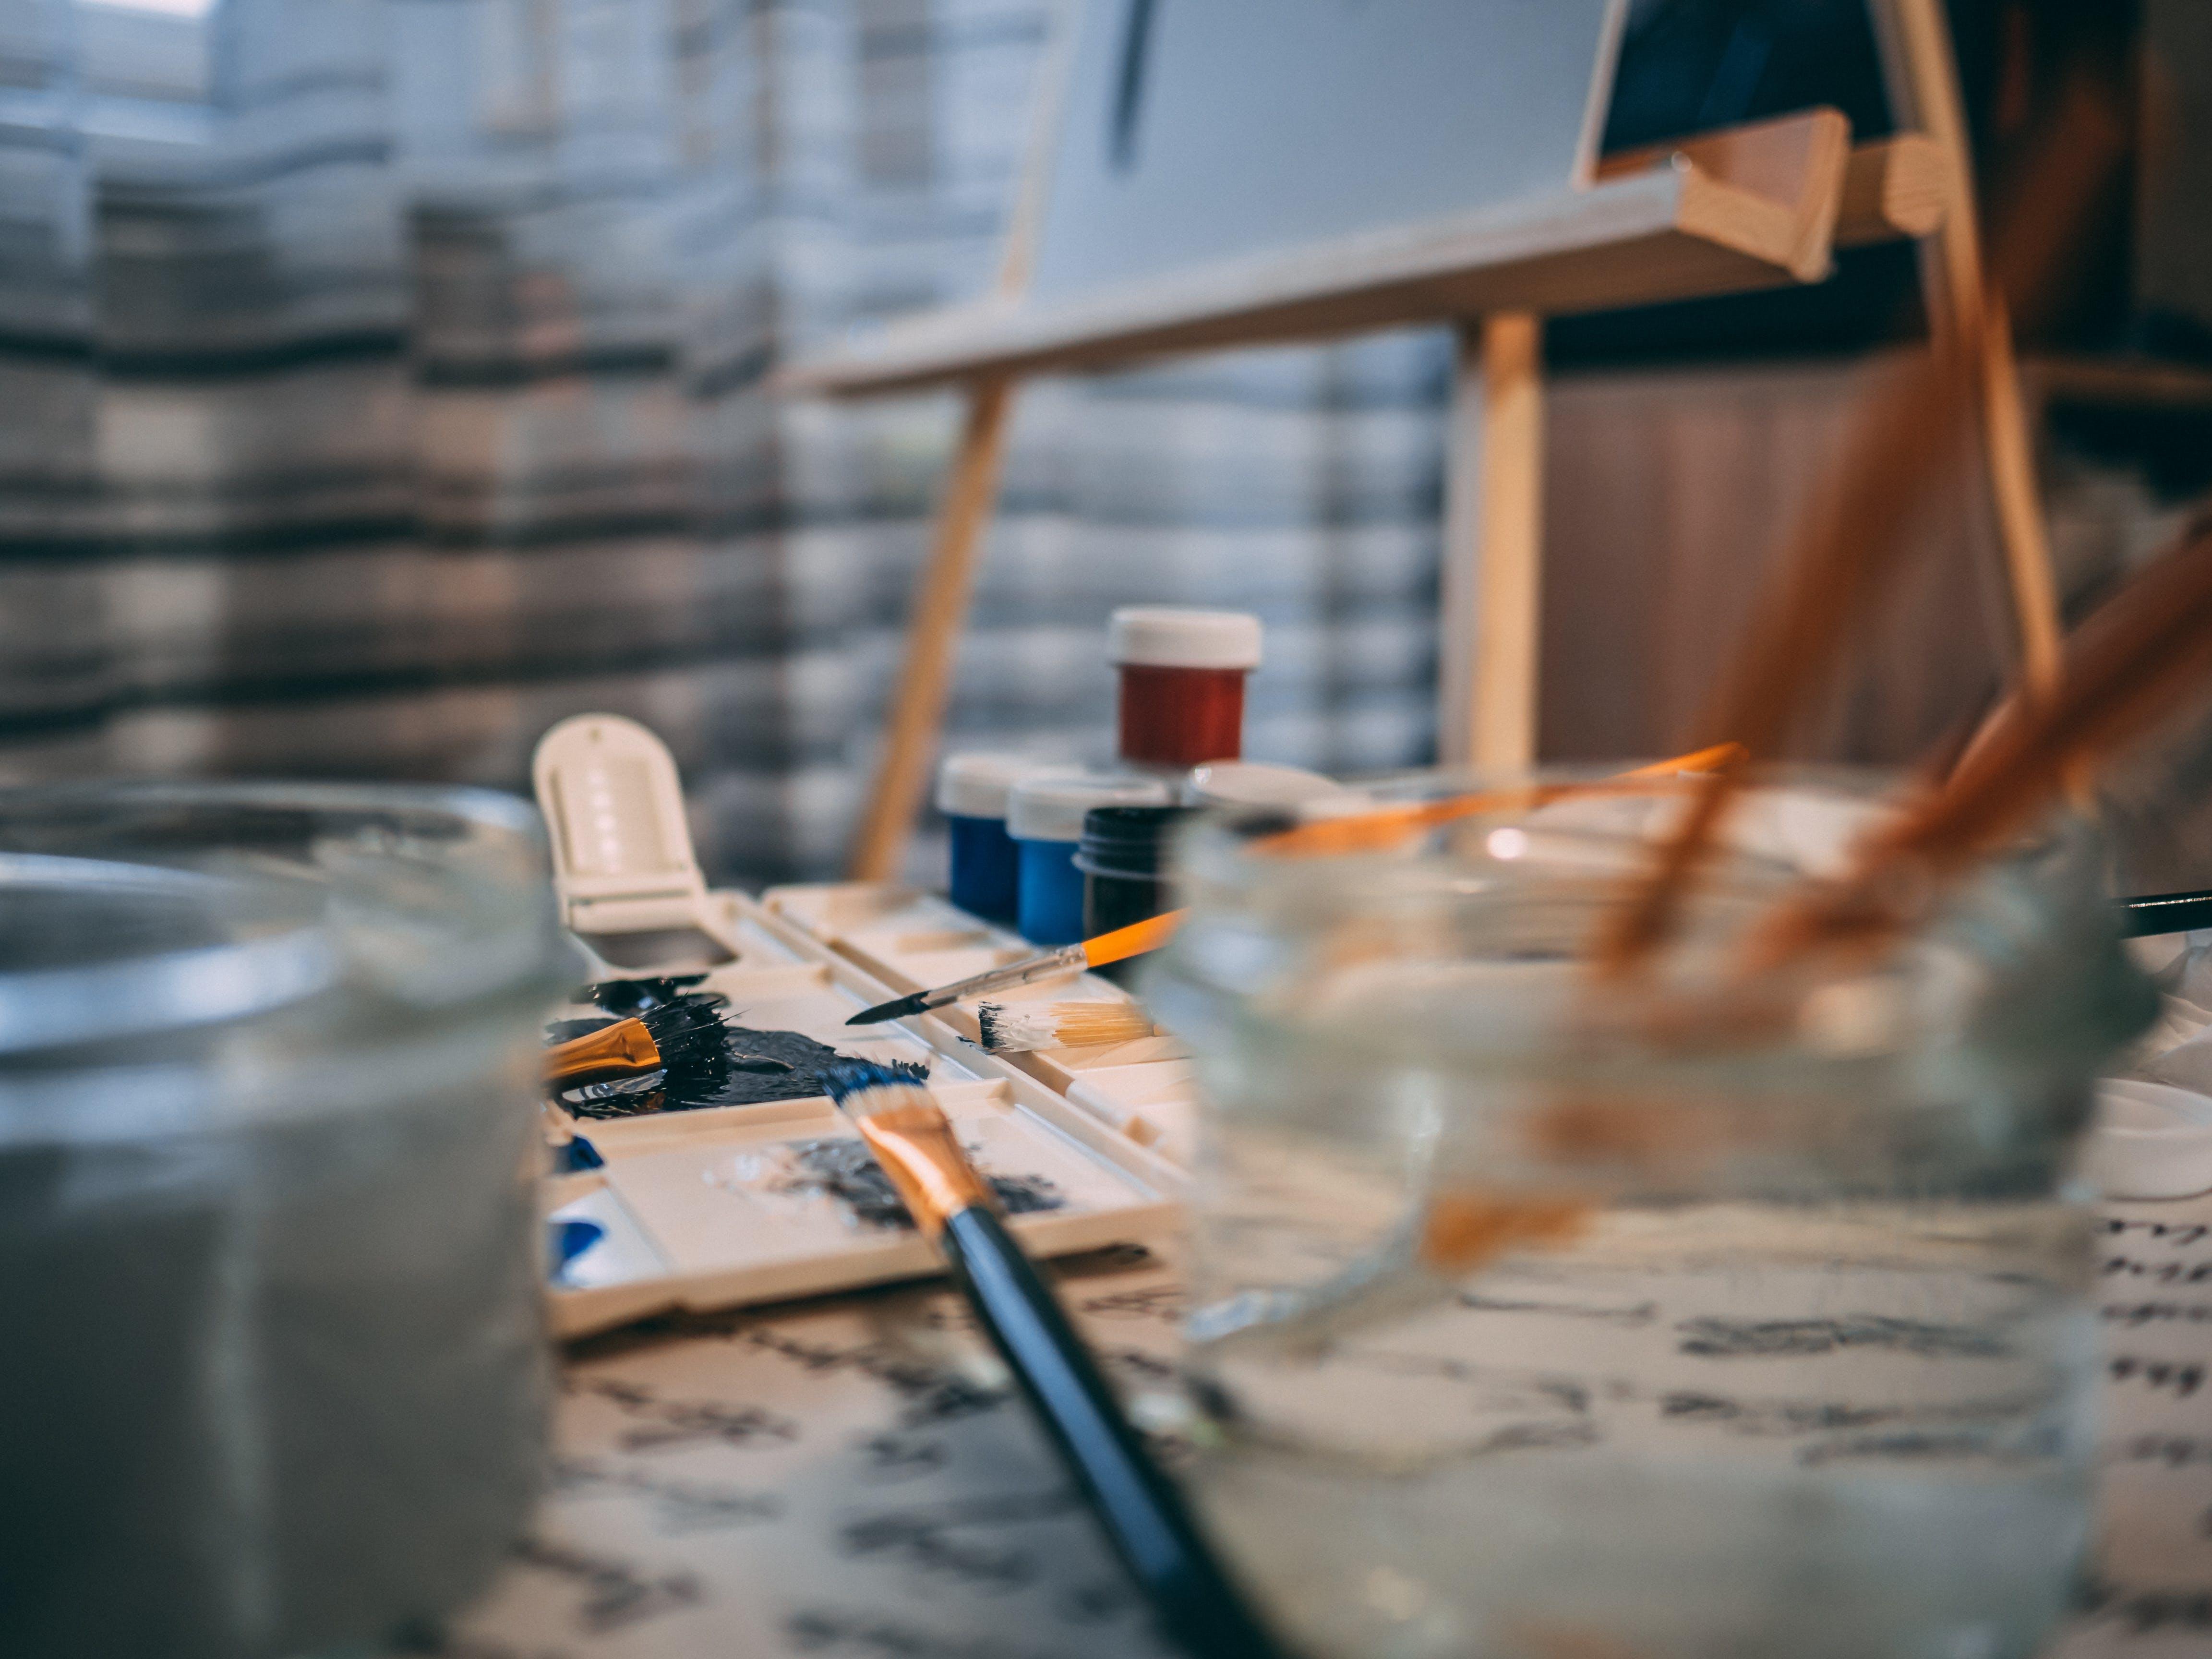 그림, 미술 재료, 예술, 예술과 공예의 무료 스톡 사진